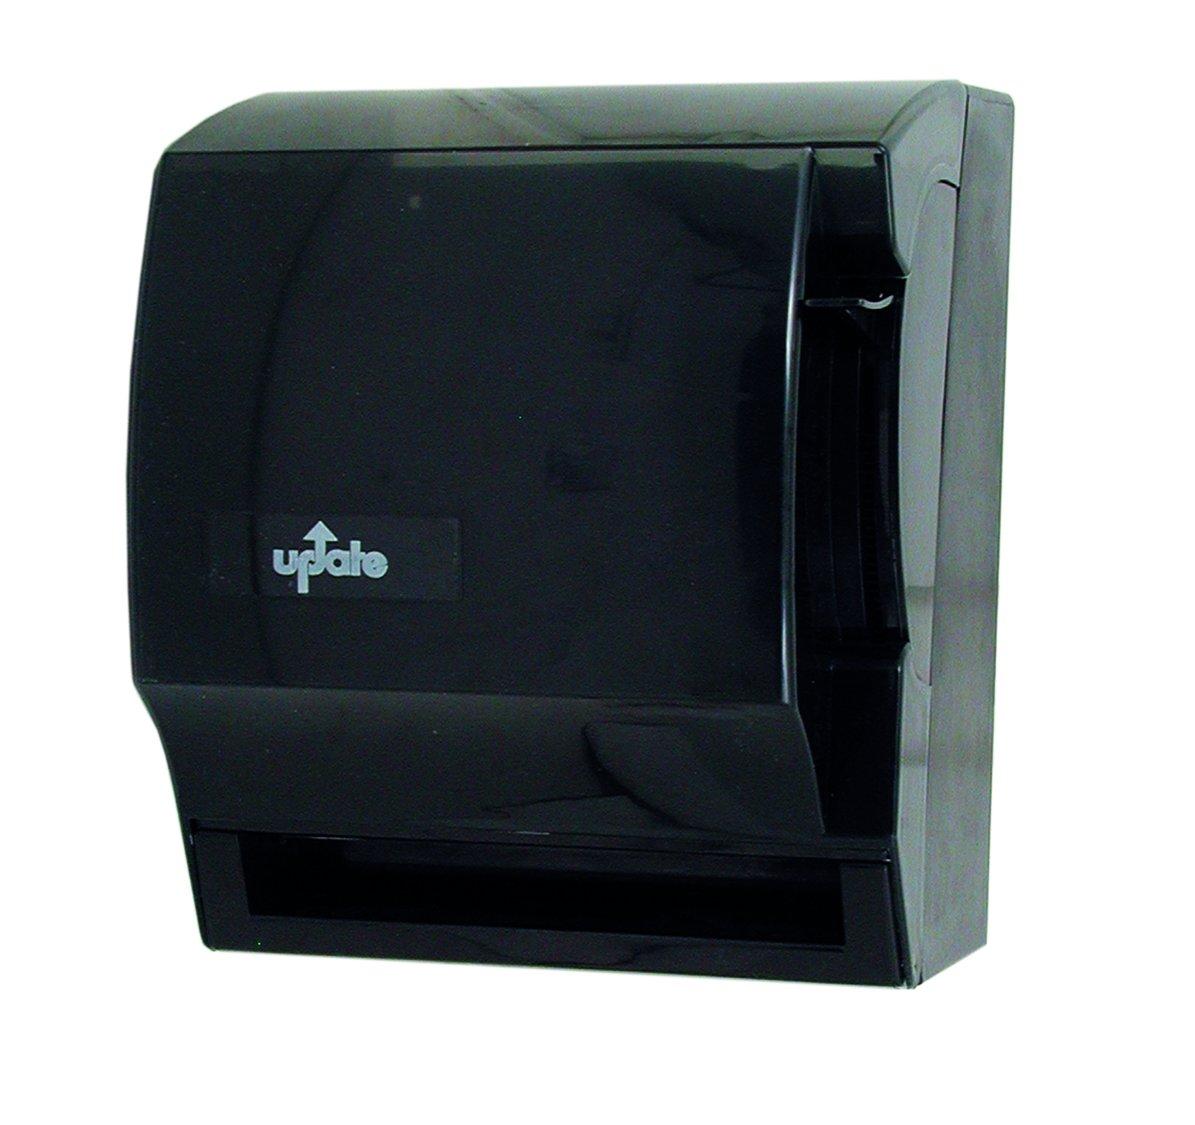 Update International (TD-1114L) 11'' x 14'' Plastic Roll Paper Towel Dispenser